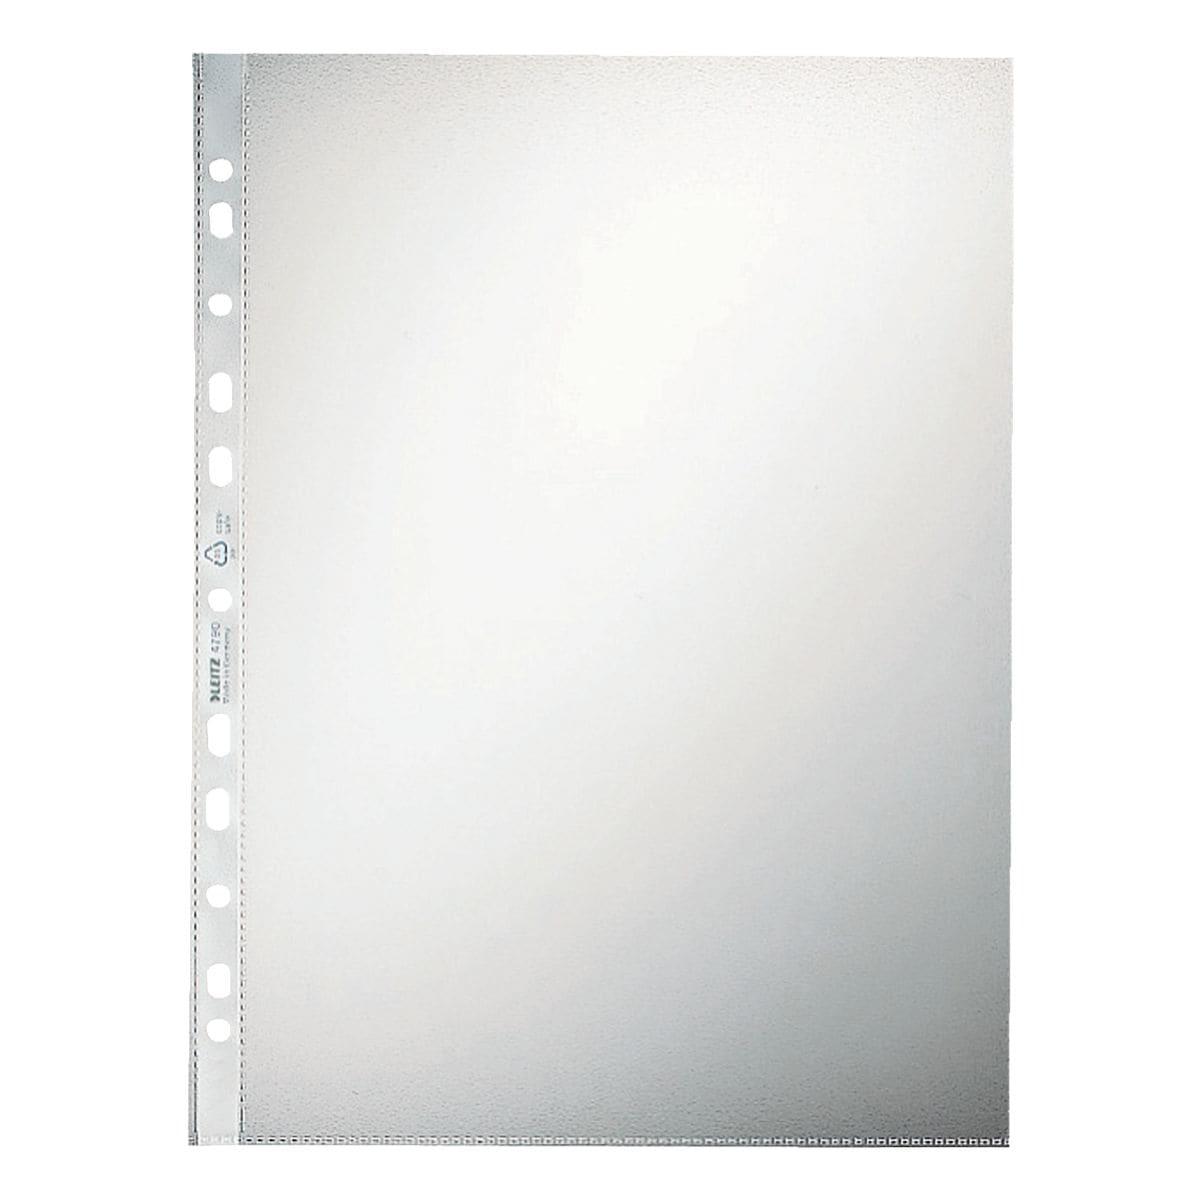 LEITZ pochette perforée 4790 A4 grainé, ouverture en haut - 100 pièce(s)